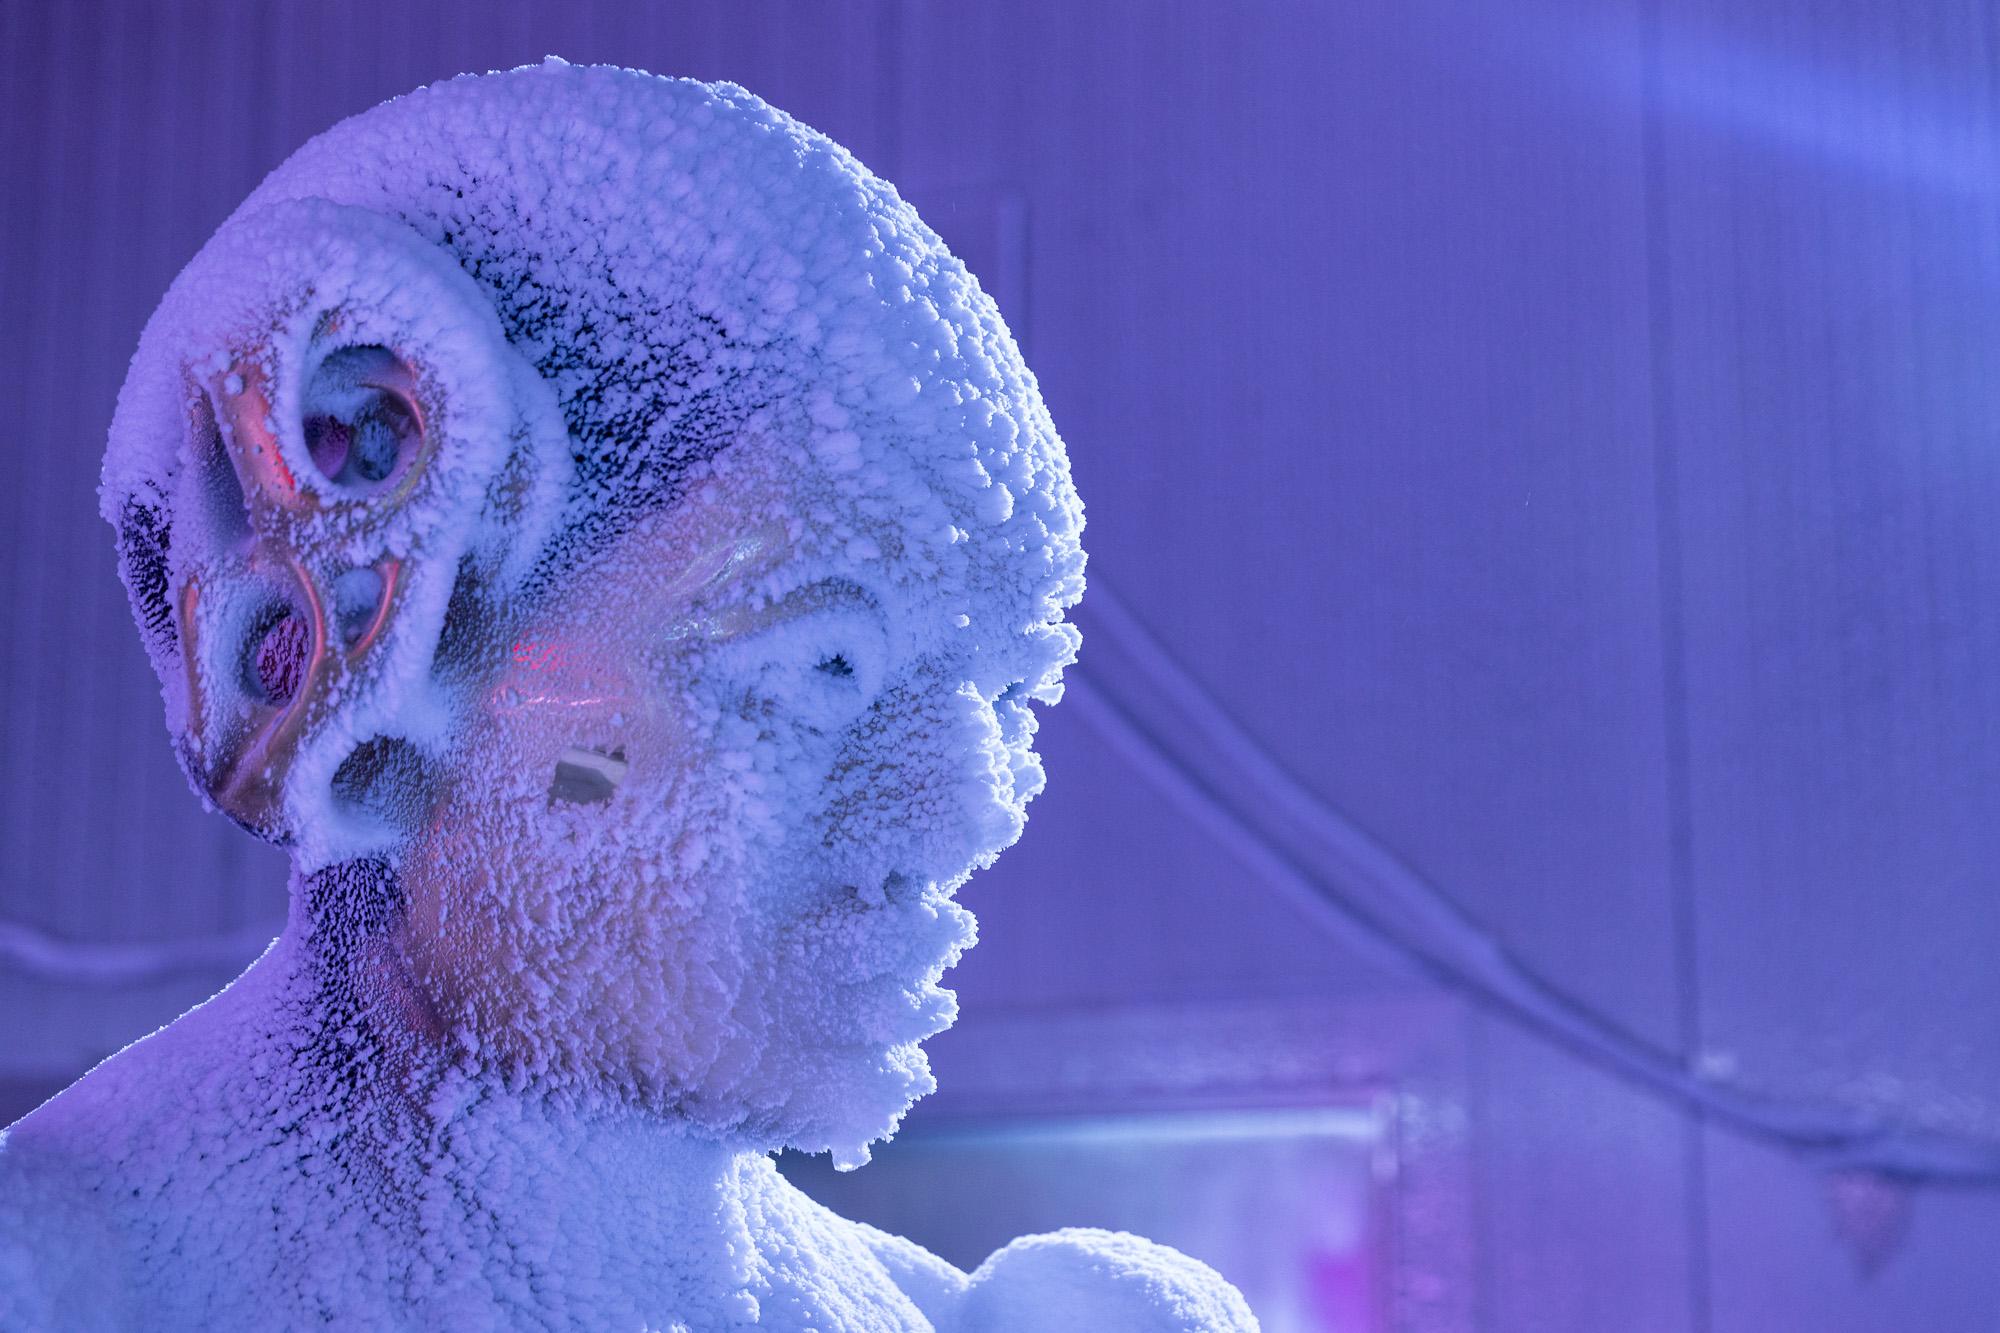 Sculpture at Transart 2021 Terra X cube